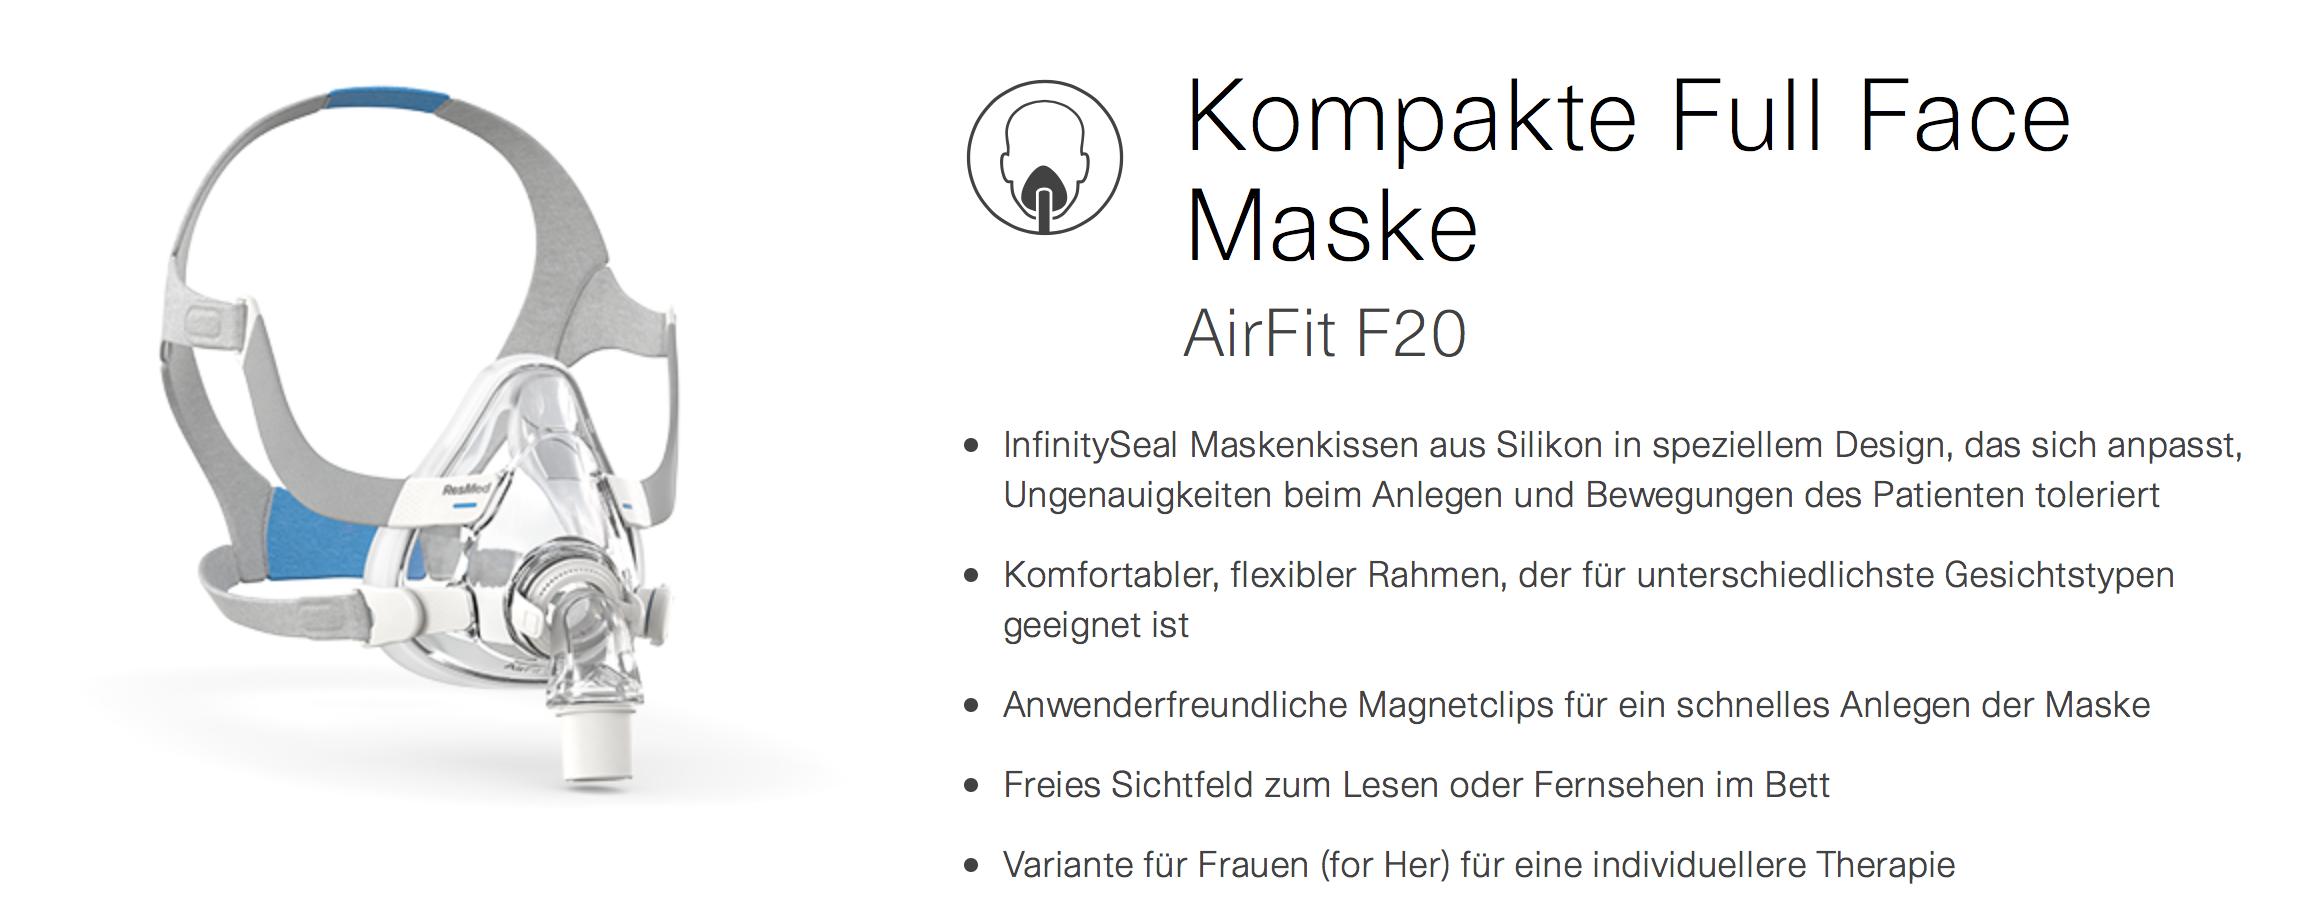 AirFit_F20_FFM58474e6710d62